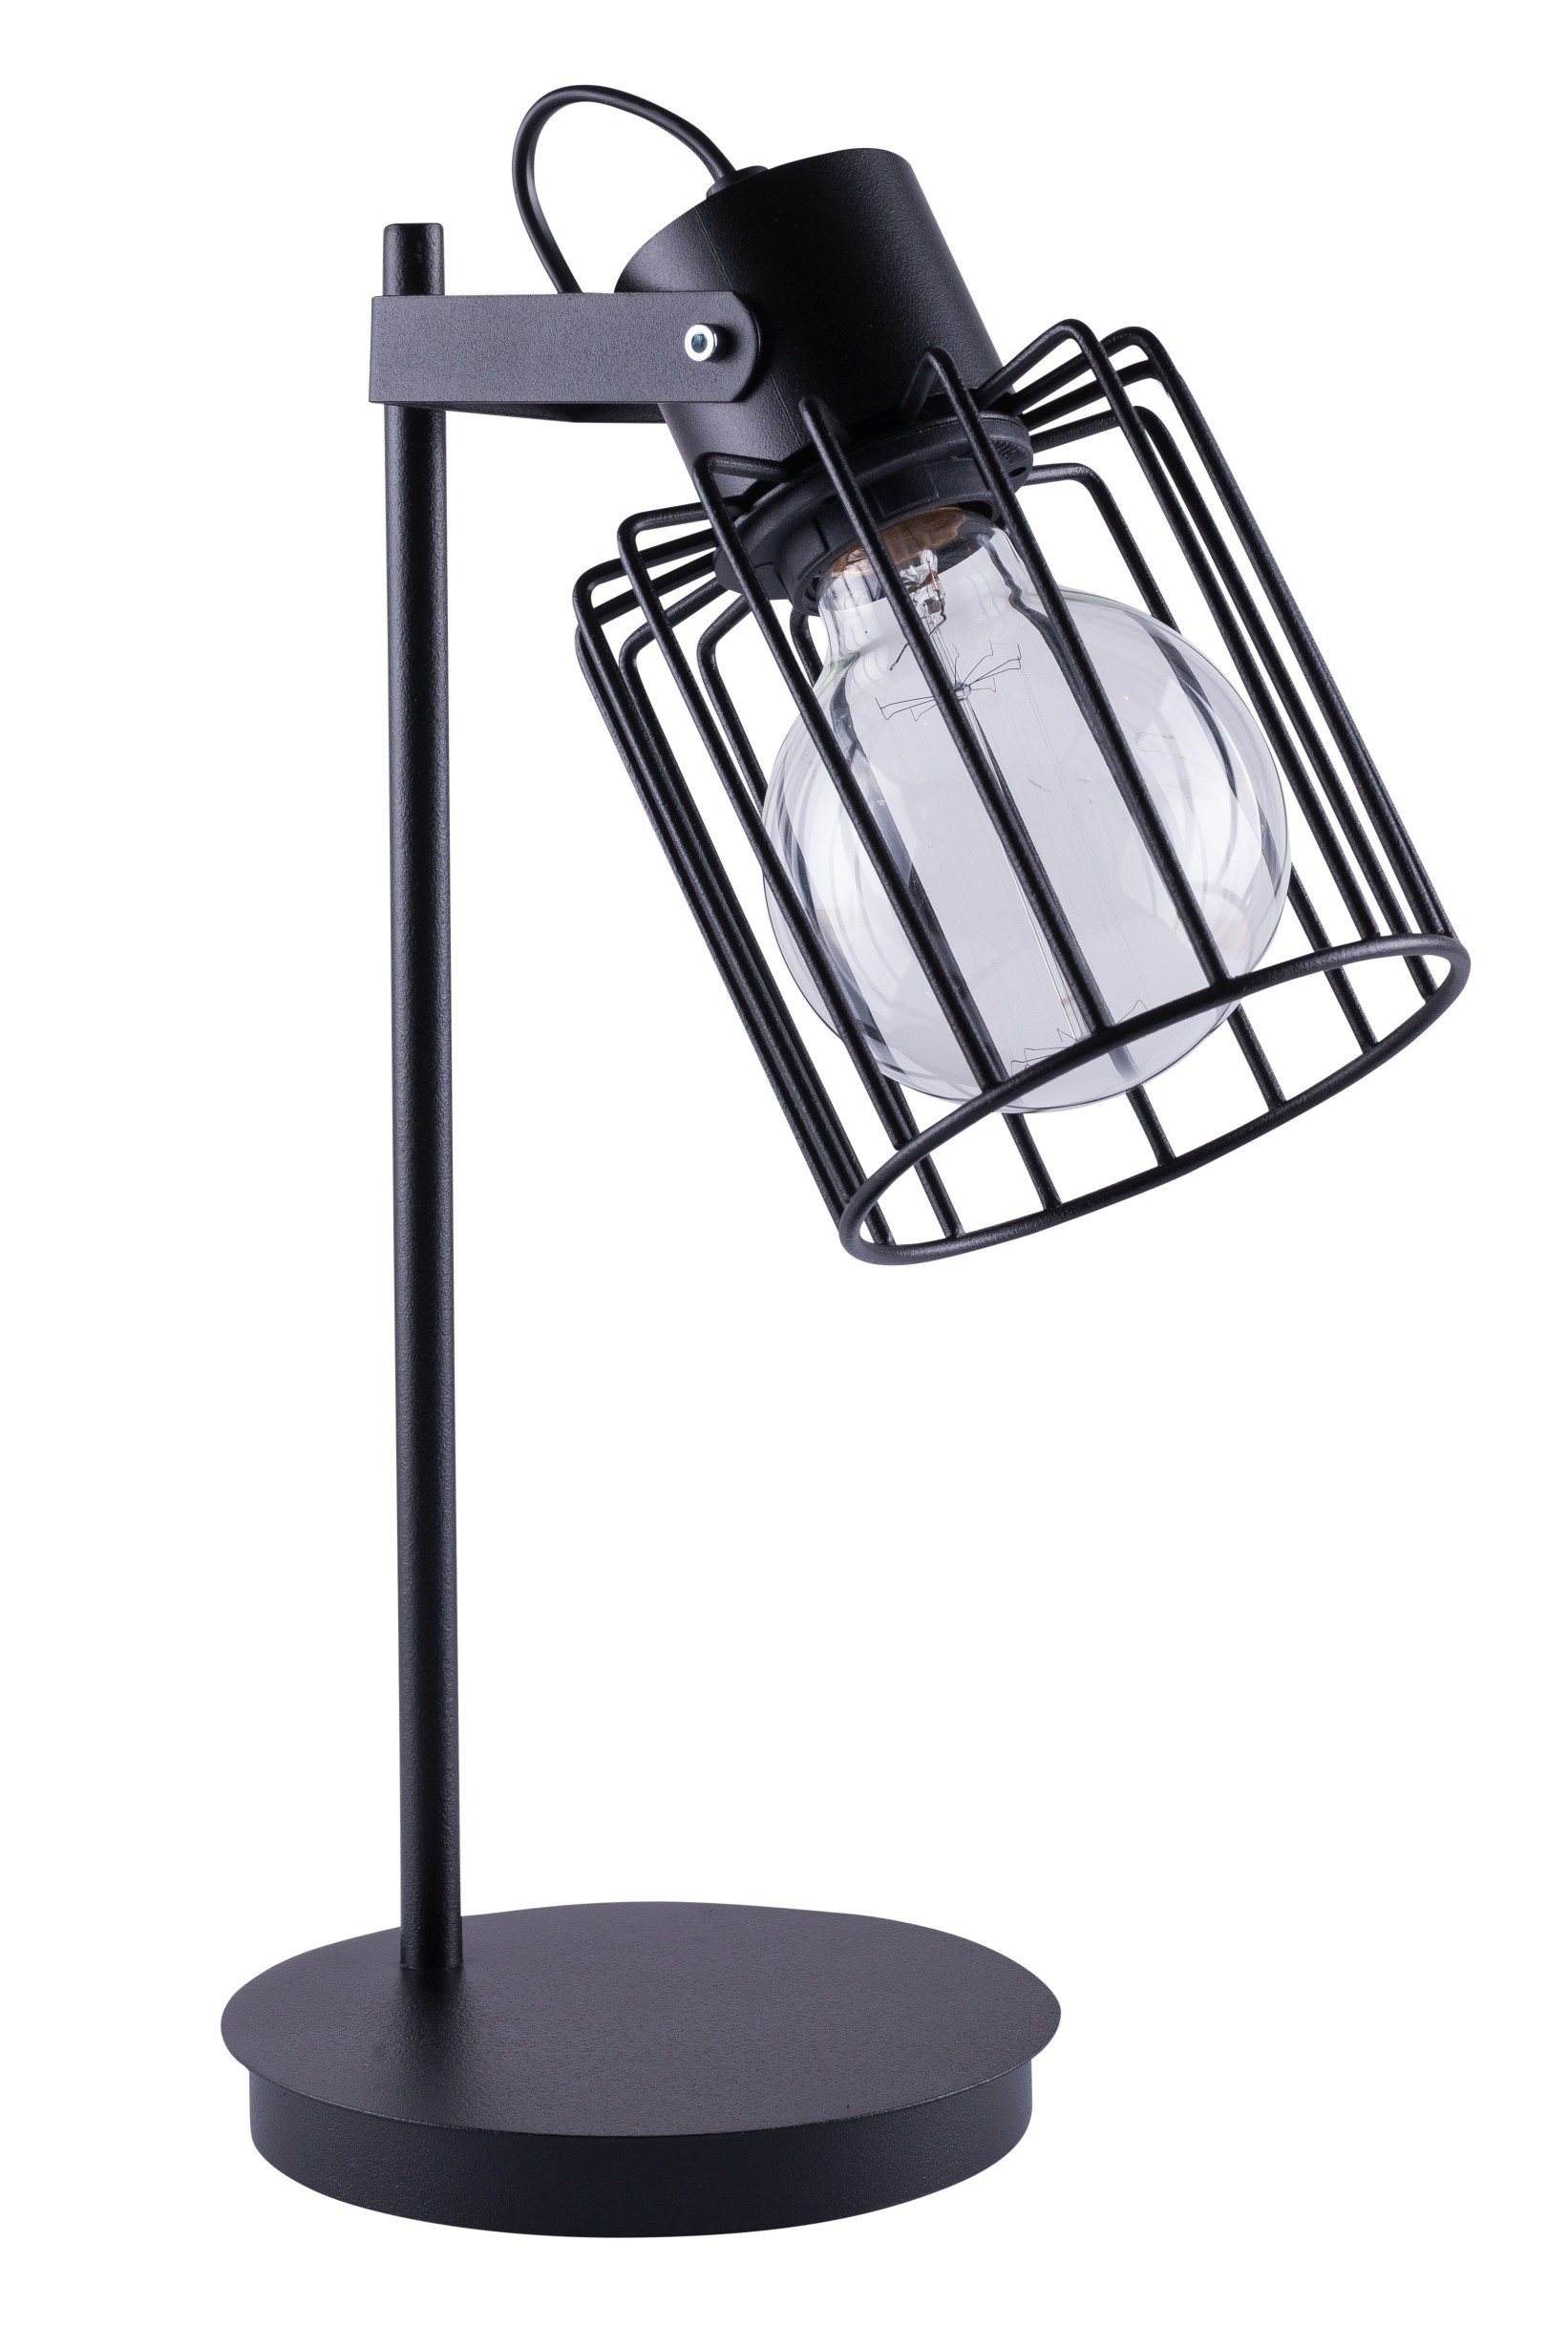 Lampka Luto kwadrat czarna 50084 - Sigma // Rabaty w koszyku i darmowa dostawa od 299zł !